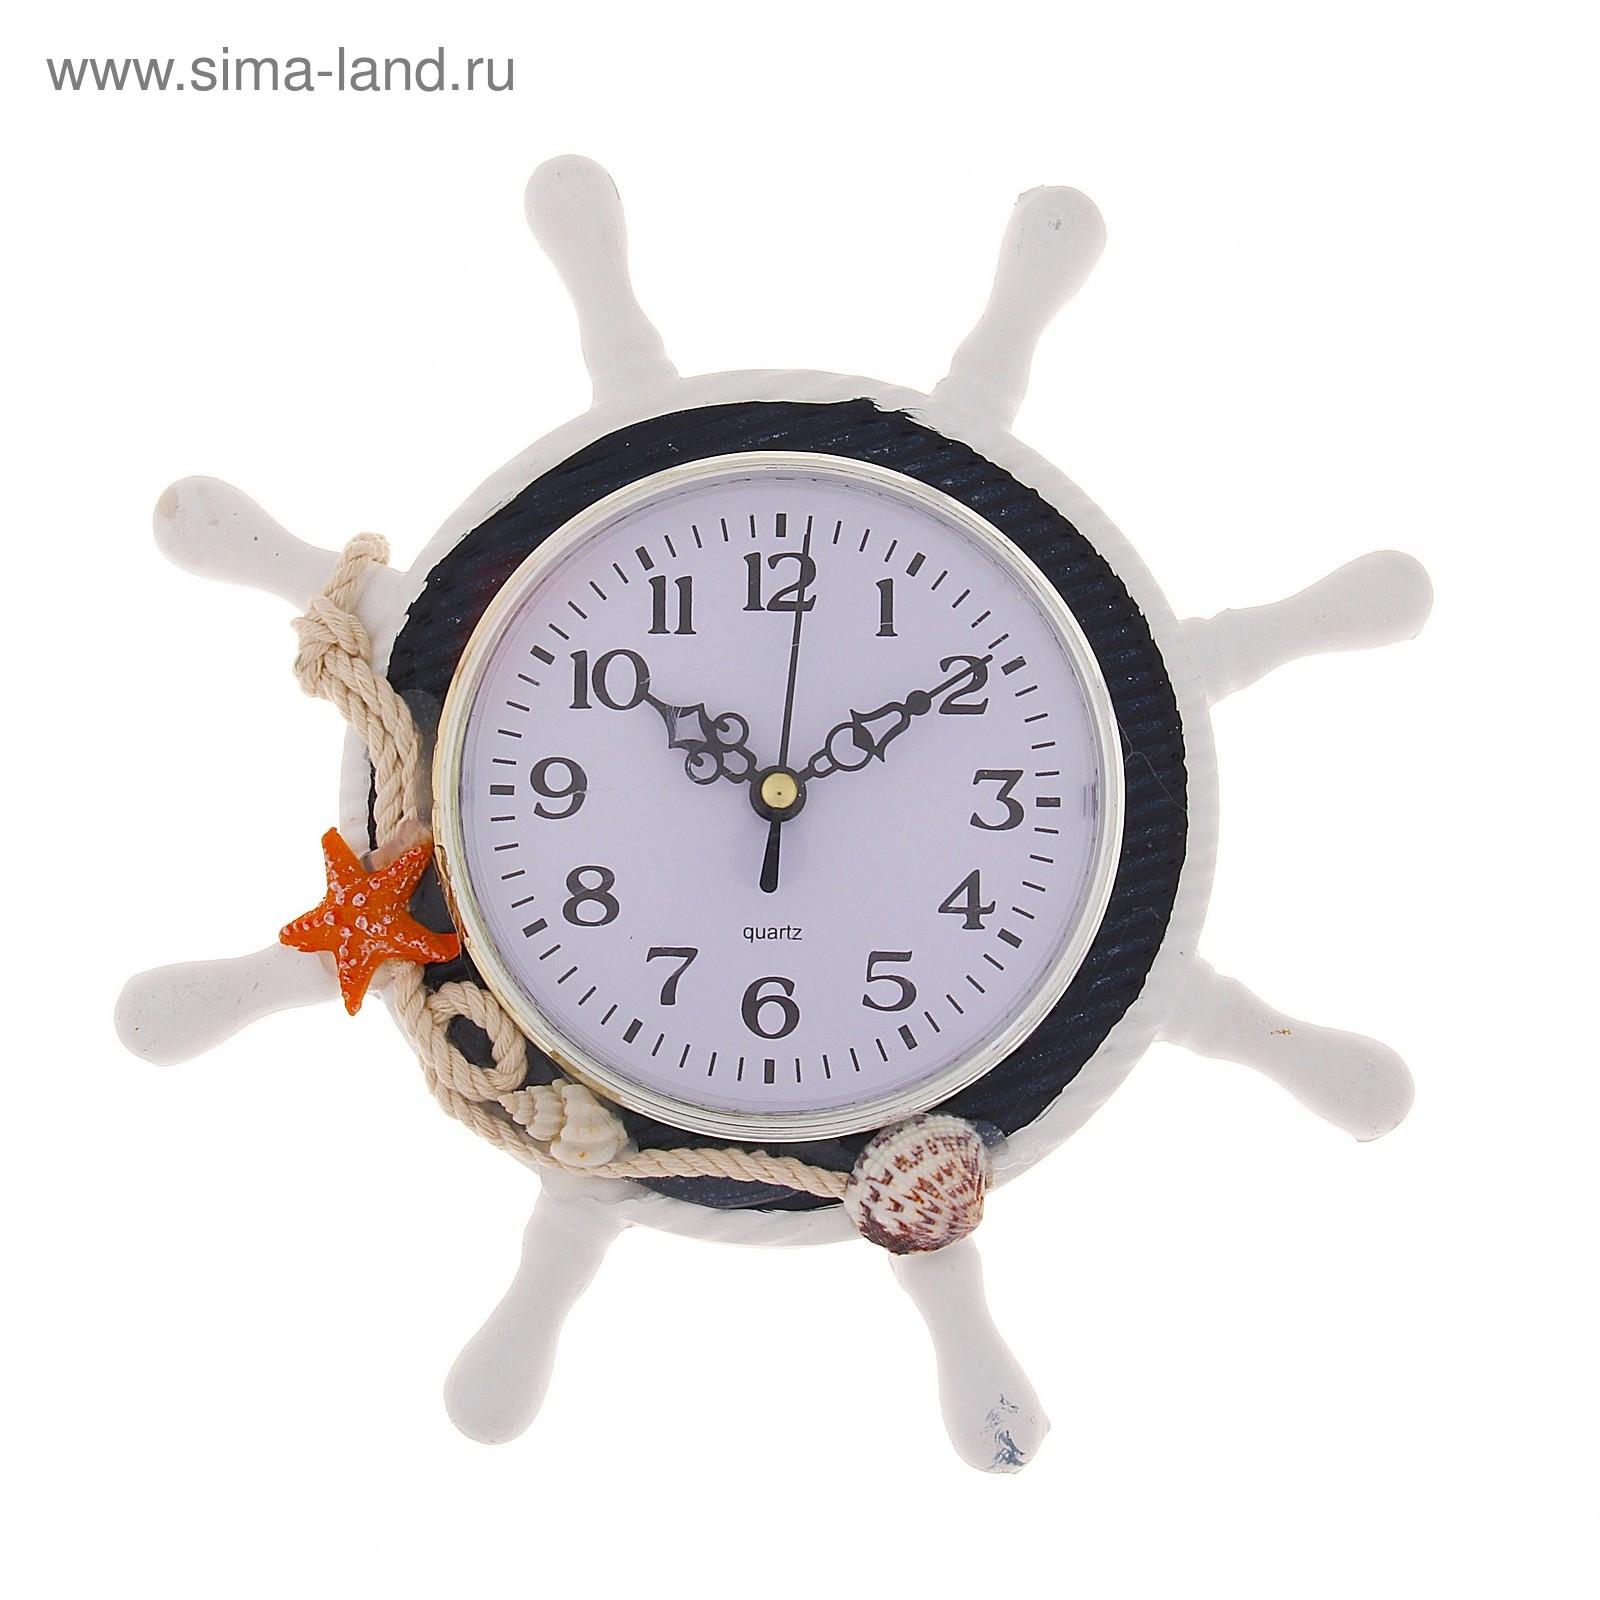 Купить часы из ракушек часы casio в тамбове купить